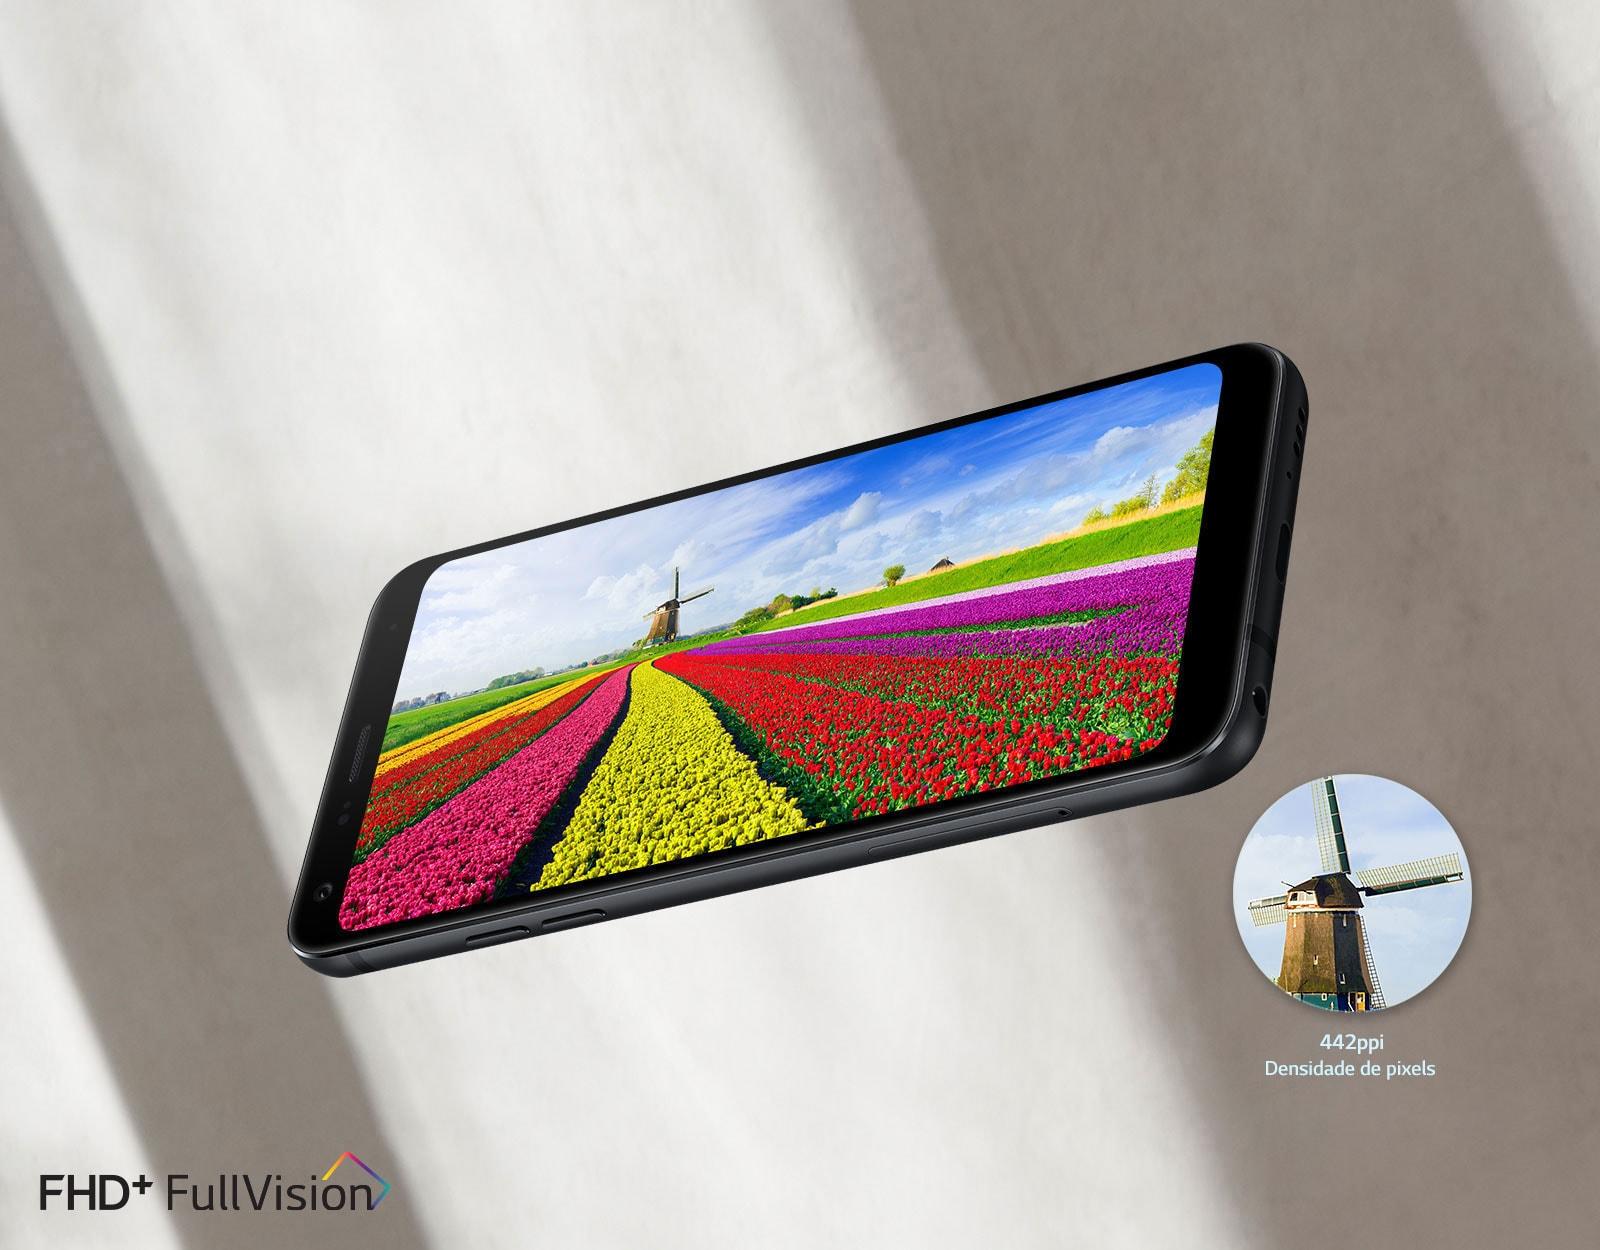 Tela FullVision Aproveite ao máximo uma tela de 18:9